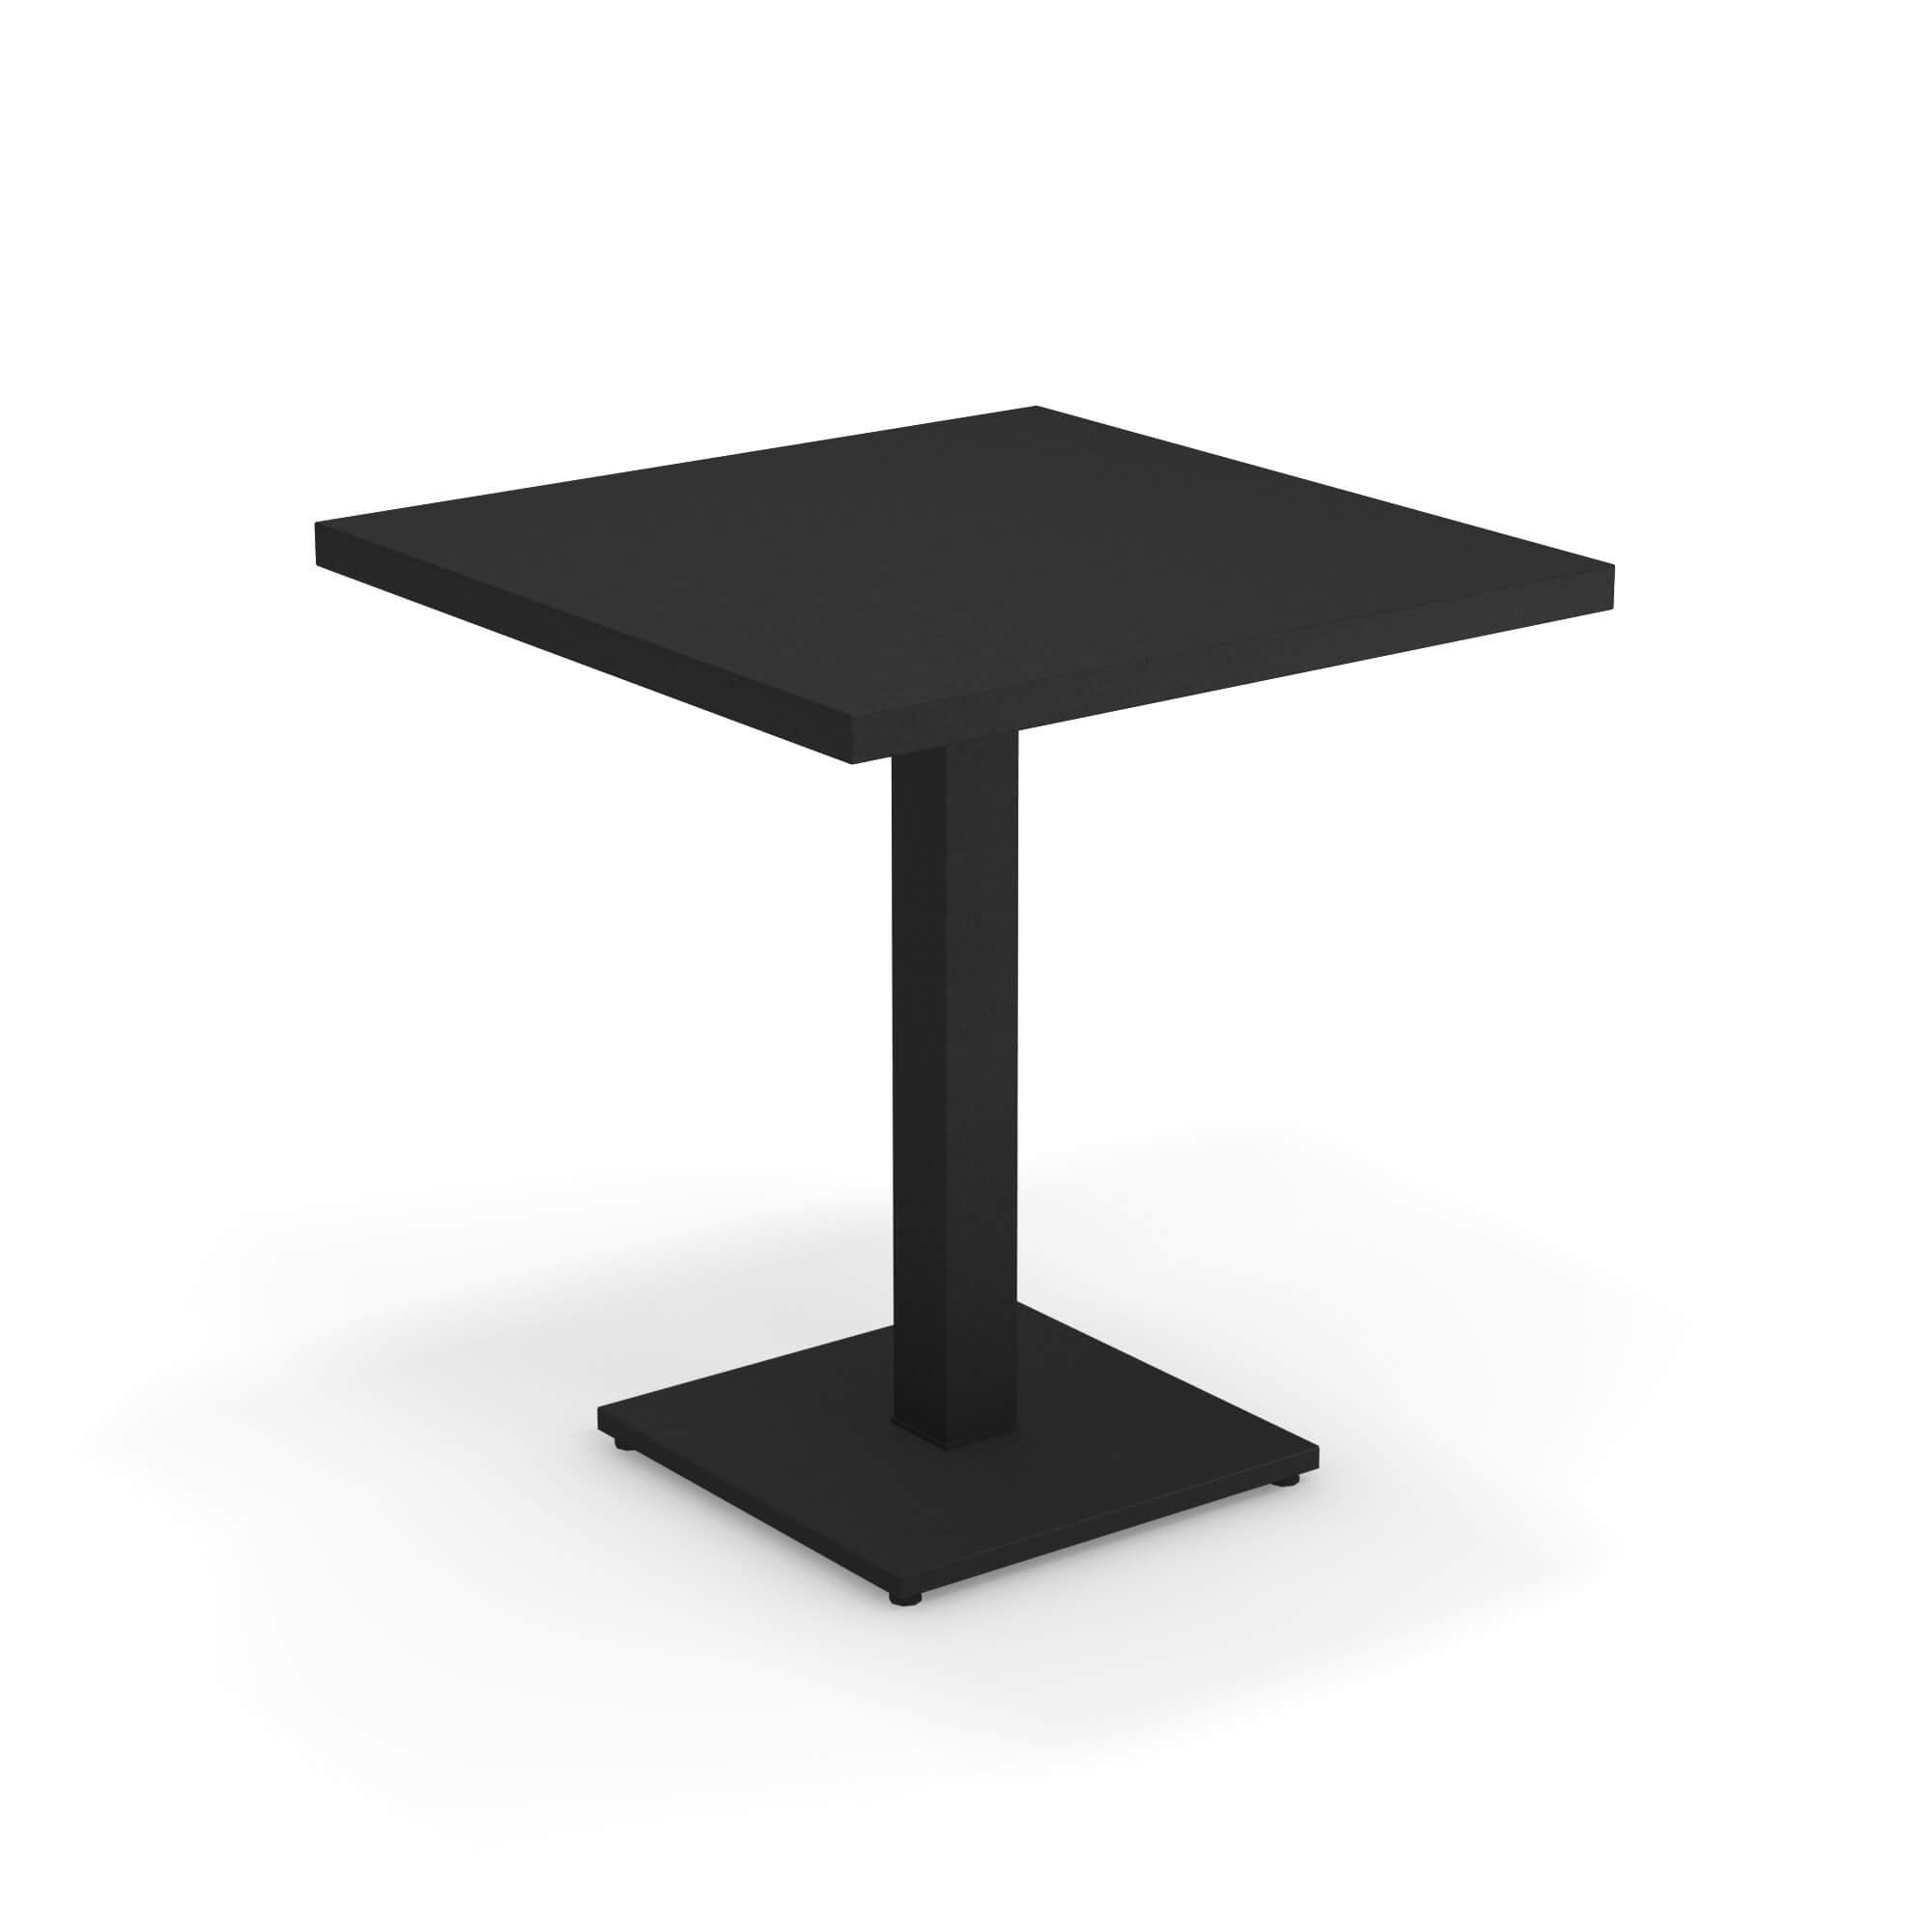 Garten Tisch quadratisch 38x38 für den Außenbereich aus Stahl